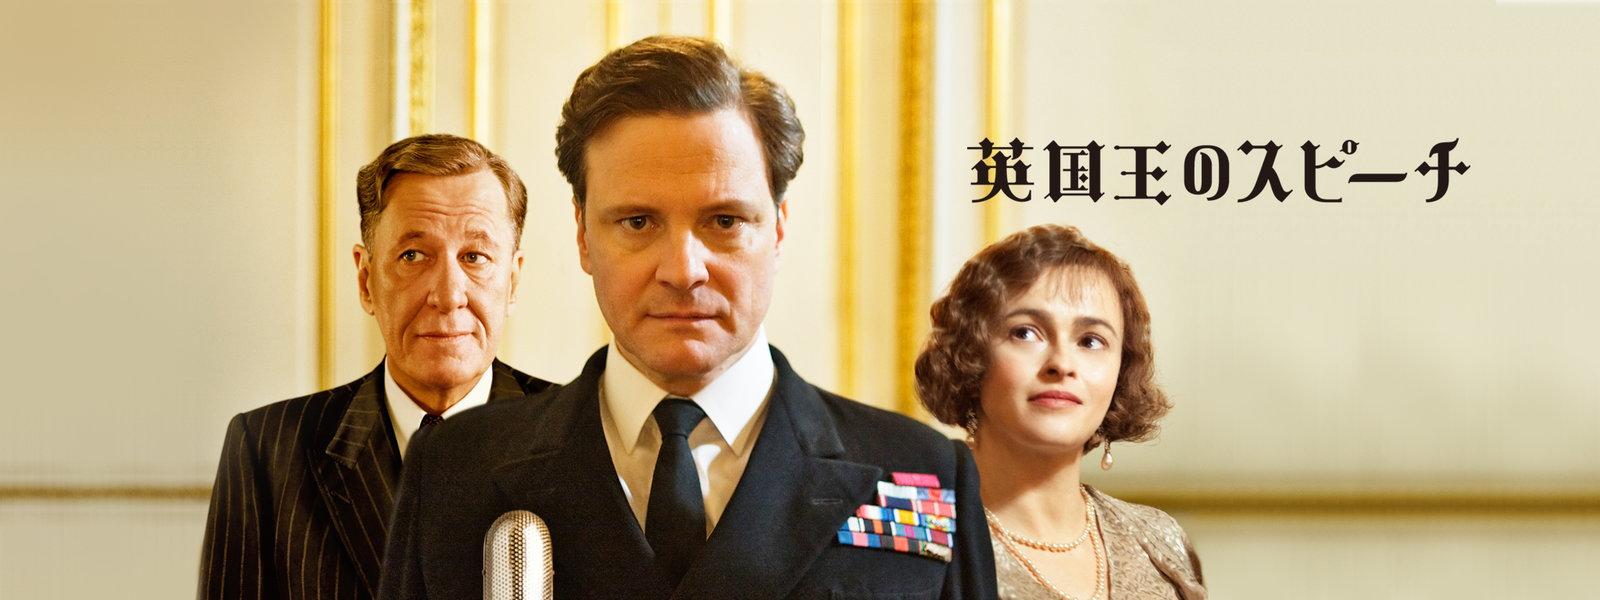 「英国王のスピーチ」の画像検索結果